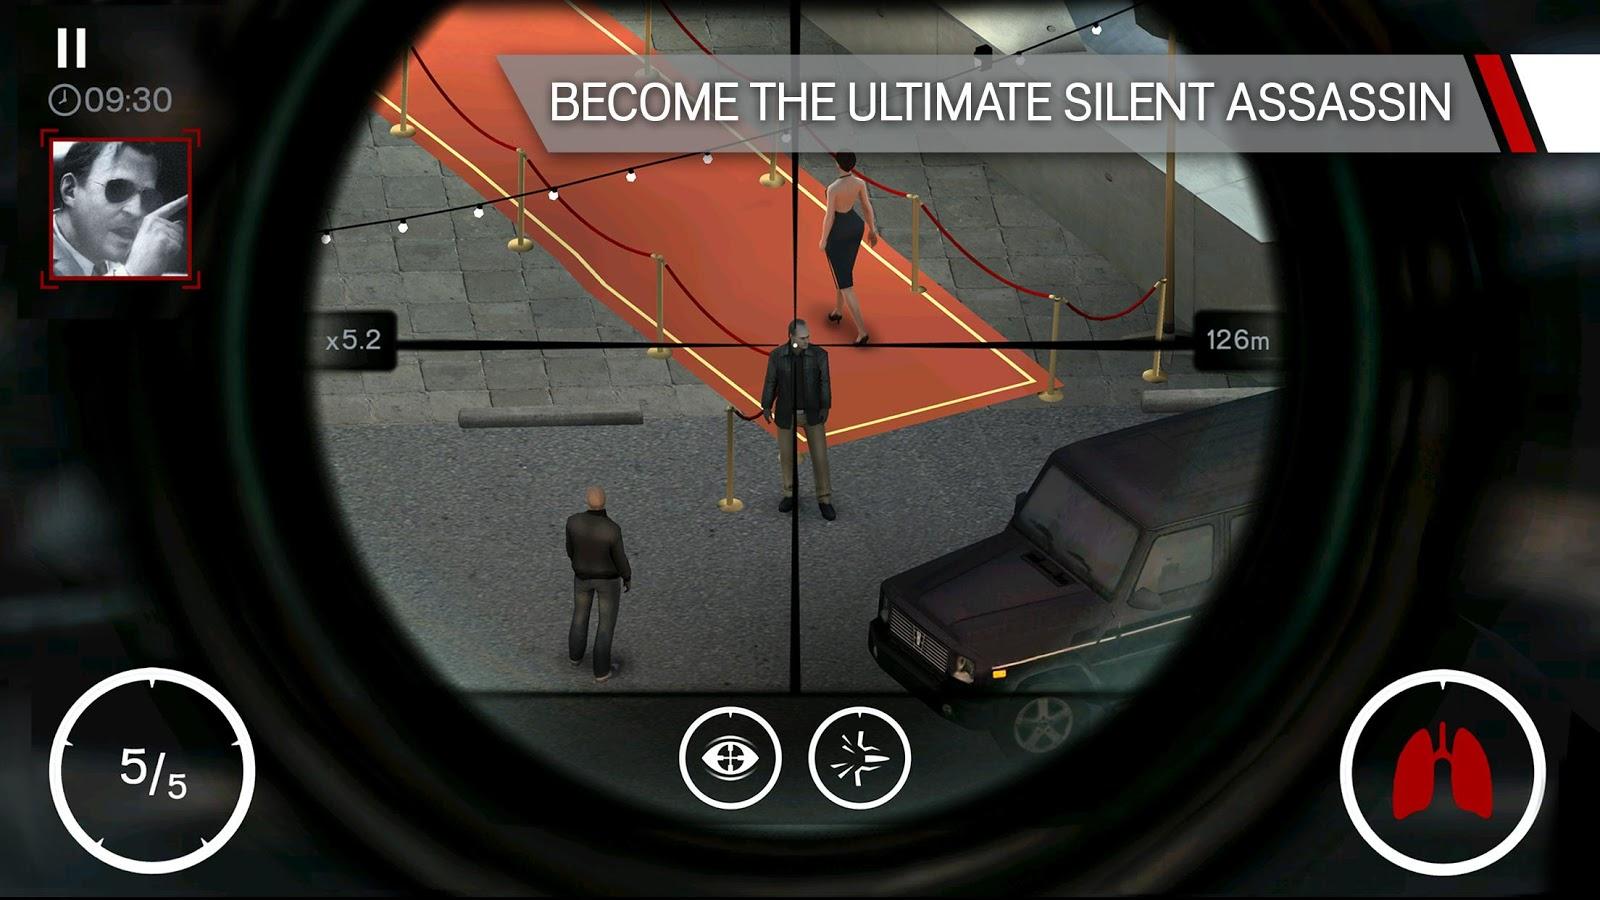 Download Gratis Game Hitman: Sniper apk Mod terbaru 2016